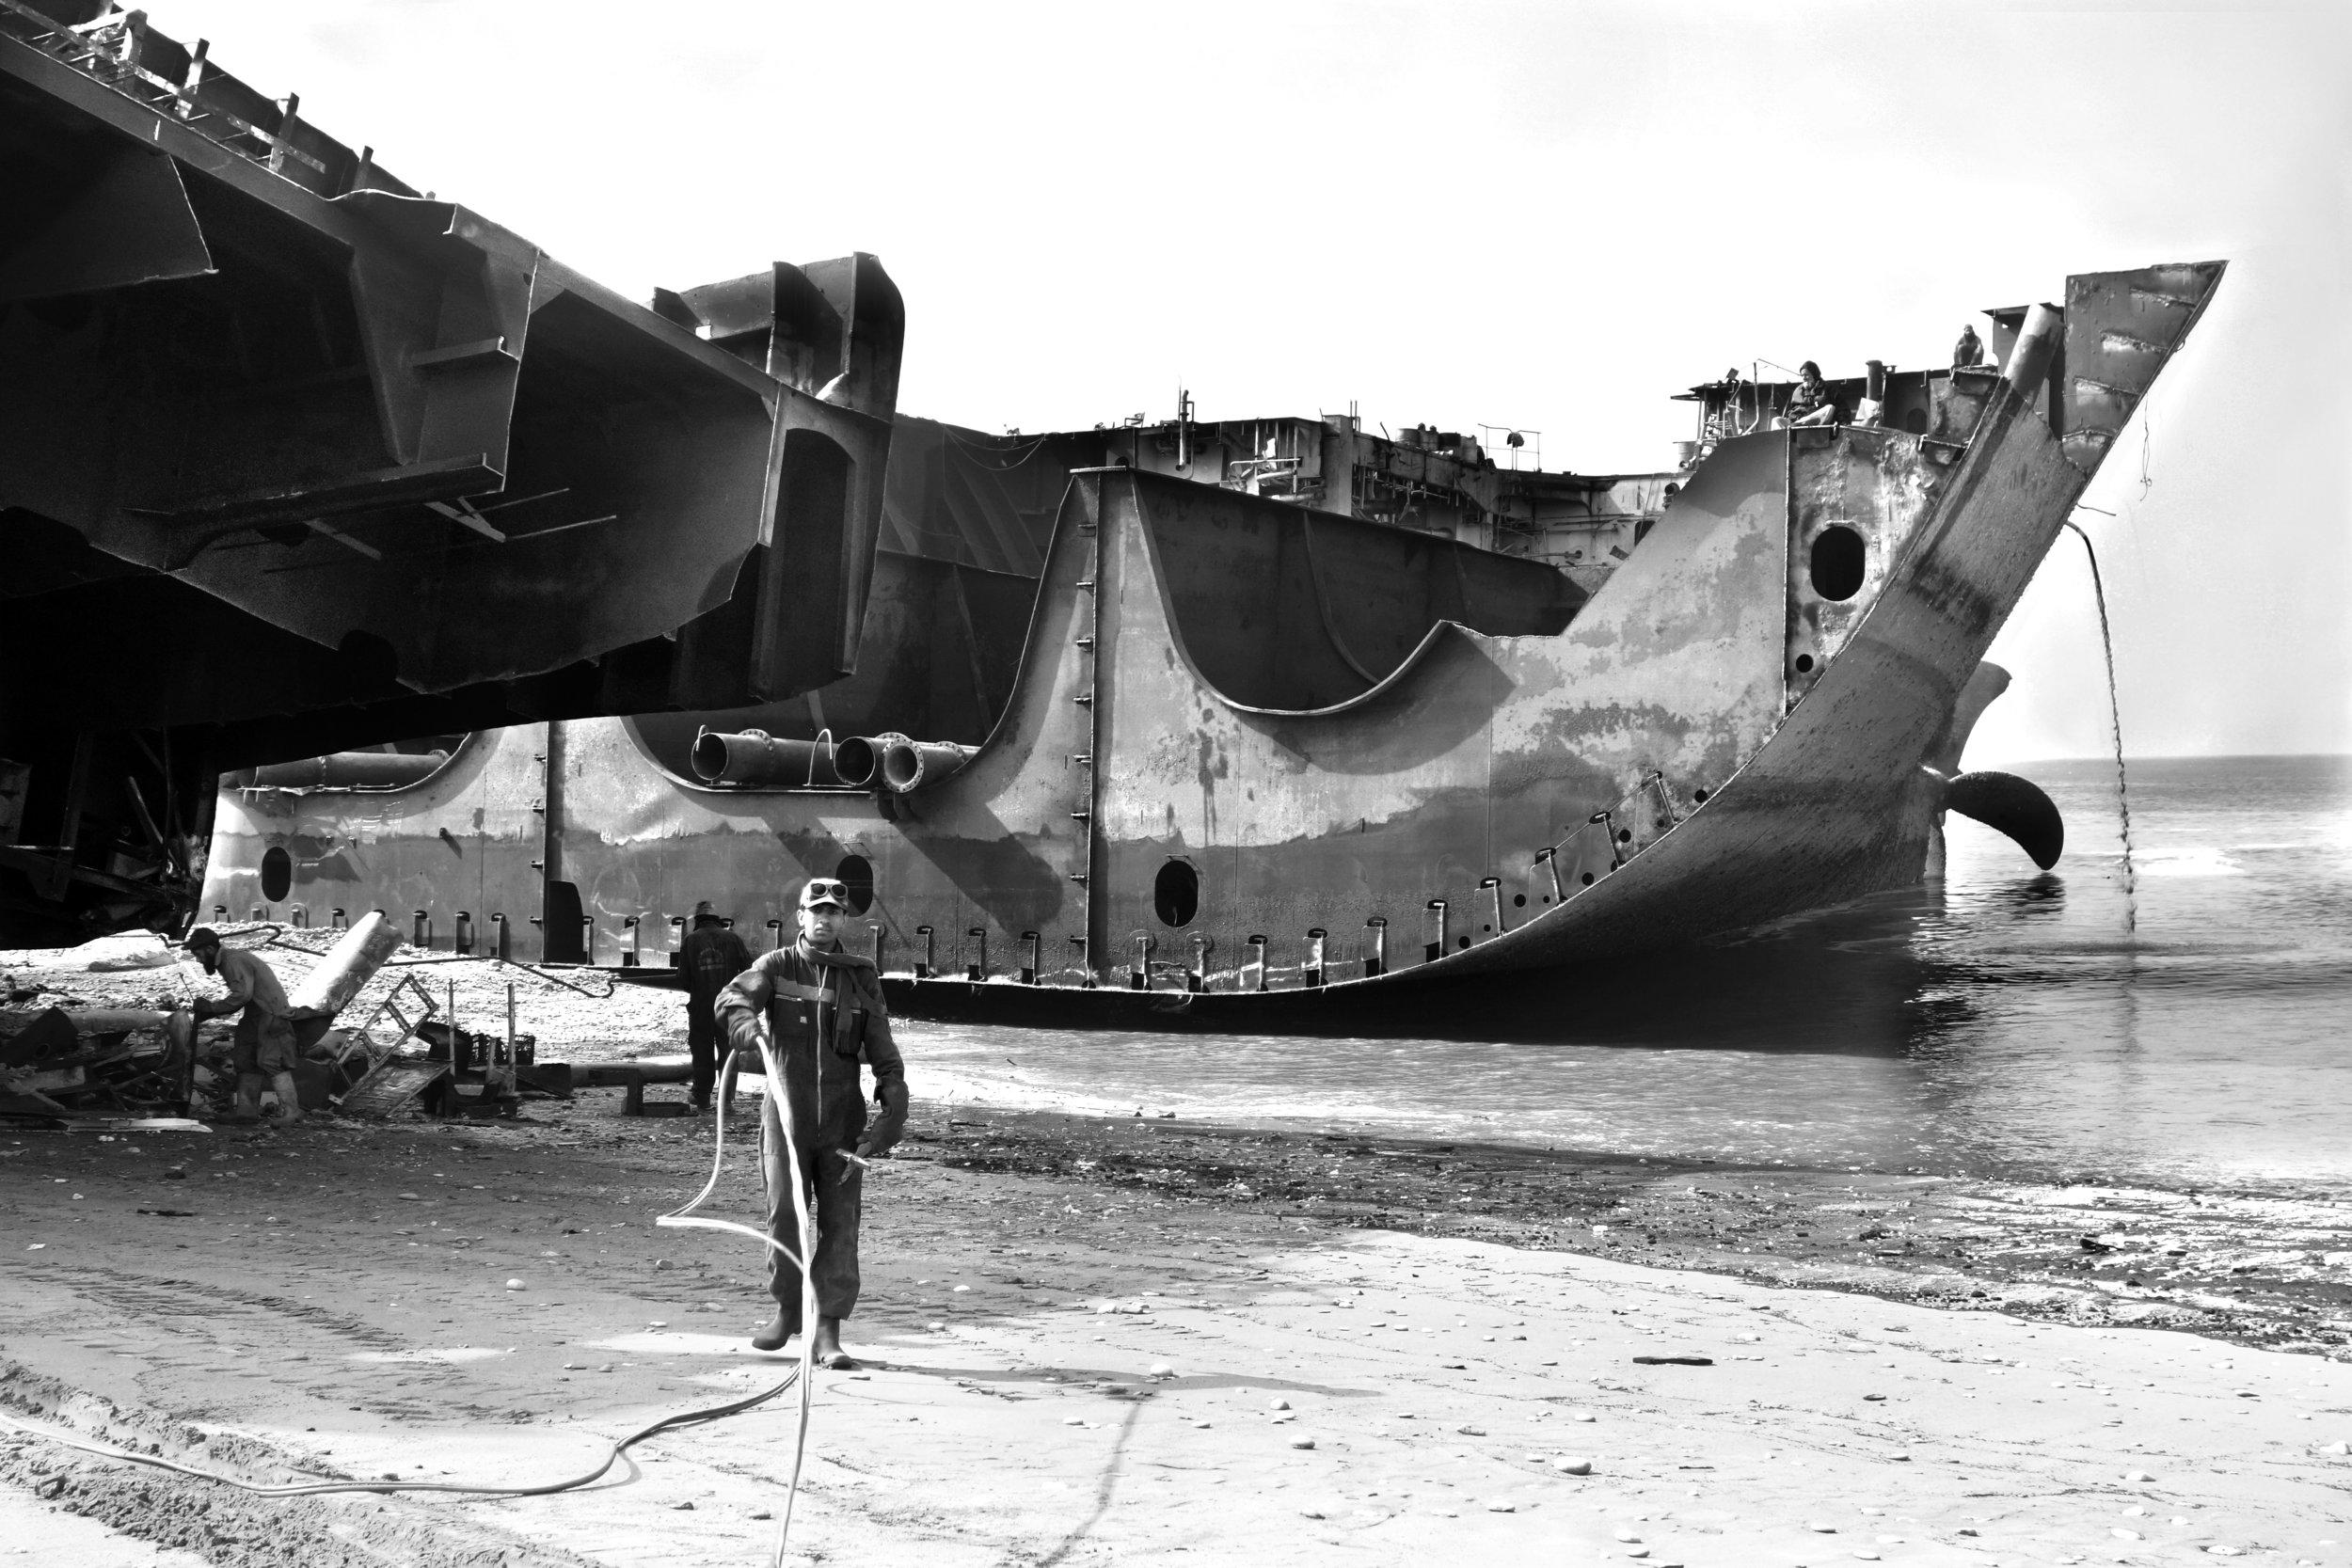 Die Schiffsabwracker am Strand von Gadani arbeiten unter gefährlichen und prekären Bedingungen. Bild: Yvonne Zimmerman